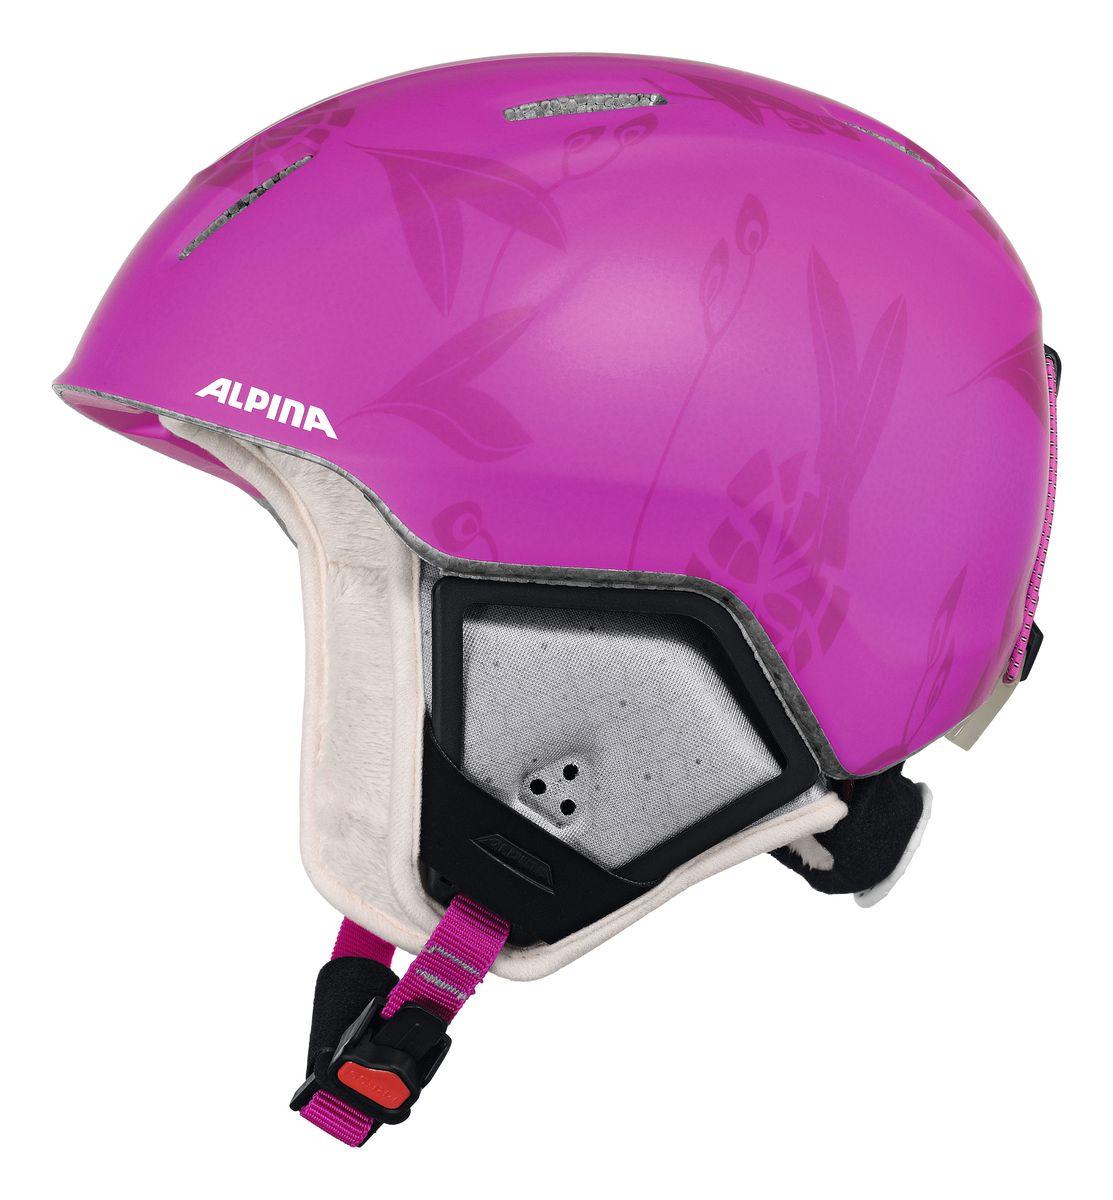 Шлем зимний Alpina Carat Xt, цвет: розовый. Размер 54-58. 9080_539080_53Особенности:• Вентиляционные отверстия препятствуют перегреву и позволяют поддерживать идеальную температуру внутри шлема. Для этого инженеры Alpina используют эффект Вентури, чтобы сделать циркуляцию воздуха постоянной и максимально эффективной.• Внутренник шлема легко вынимается, стирается, сушится и вставляется обратно.• Из задней части шлема можно достать шейный утеплитель из мякого микро-флиса. Этот теплый воротник также защищает шею от ударов на высокой скорости и при сибирских морозах. В удобной конструкции отсутствуют точки давления на шею.• Прочная и лёгкая конструкция In-moldInmould - технология, при которой внутренняя оболочка из EPS (вспененного полистирола) покрыта поликарбонатом. Внешняя тонкая жесткая оболочка призвана распределить энергию от удара по всей площади шлема, защитить внутреннюю часть от проникновения острых осколков и сохранить ее форму. Внутренняя толстая мягкая оболочка демпфирует ударную энергию, предохраняя головной мозг от ударов. Такой шлем наиболее легкий и подходит большинству горнолыжников, не бросающих вызов судьбе в поисках адреналина. . Тонкая и прочная поликарбонатная оболочка под воздействием высокой температуры и давления буквально сплавляется с гранулами EPSВспенивающийся полистирол (ПСВ) являлся изоляционным полимерным материалом. Каждая гранула состоит из равномерно распределенных микроскопических плотных клеток заполненных воздухом. Пенополистирол на 98% состоит из воздуха и только на 2% из полистирола. Такая структура и придает замечательные свойства материалу, получившему заслуженное признание во всем мире. Прочность пенополистирола позволяет применять его в качестве конструктивного элемента, способного нести значительные нагрузки в течение длительного времени. Пенополистирол не гигроскопичен, он обладает хорошими механическими и изоляционными свойствами и значительной конструкционной гибкостью., которые гасят ударную нагрузку.• Внутренная оболочк